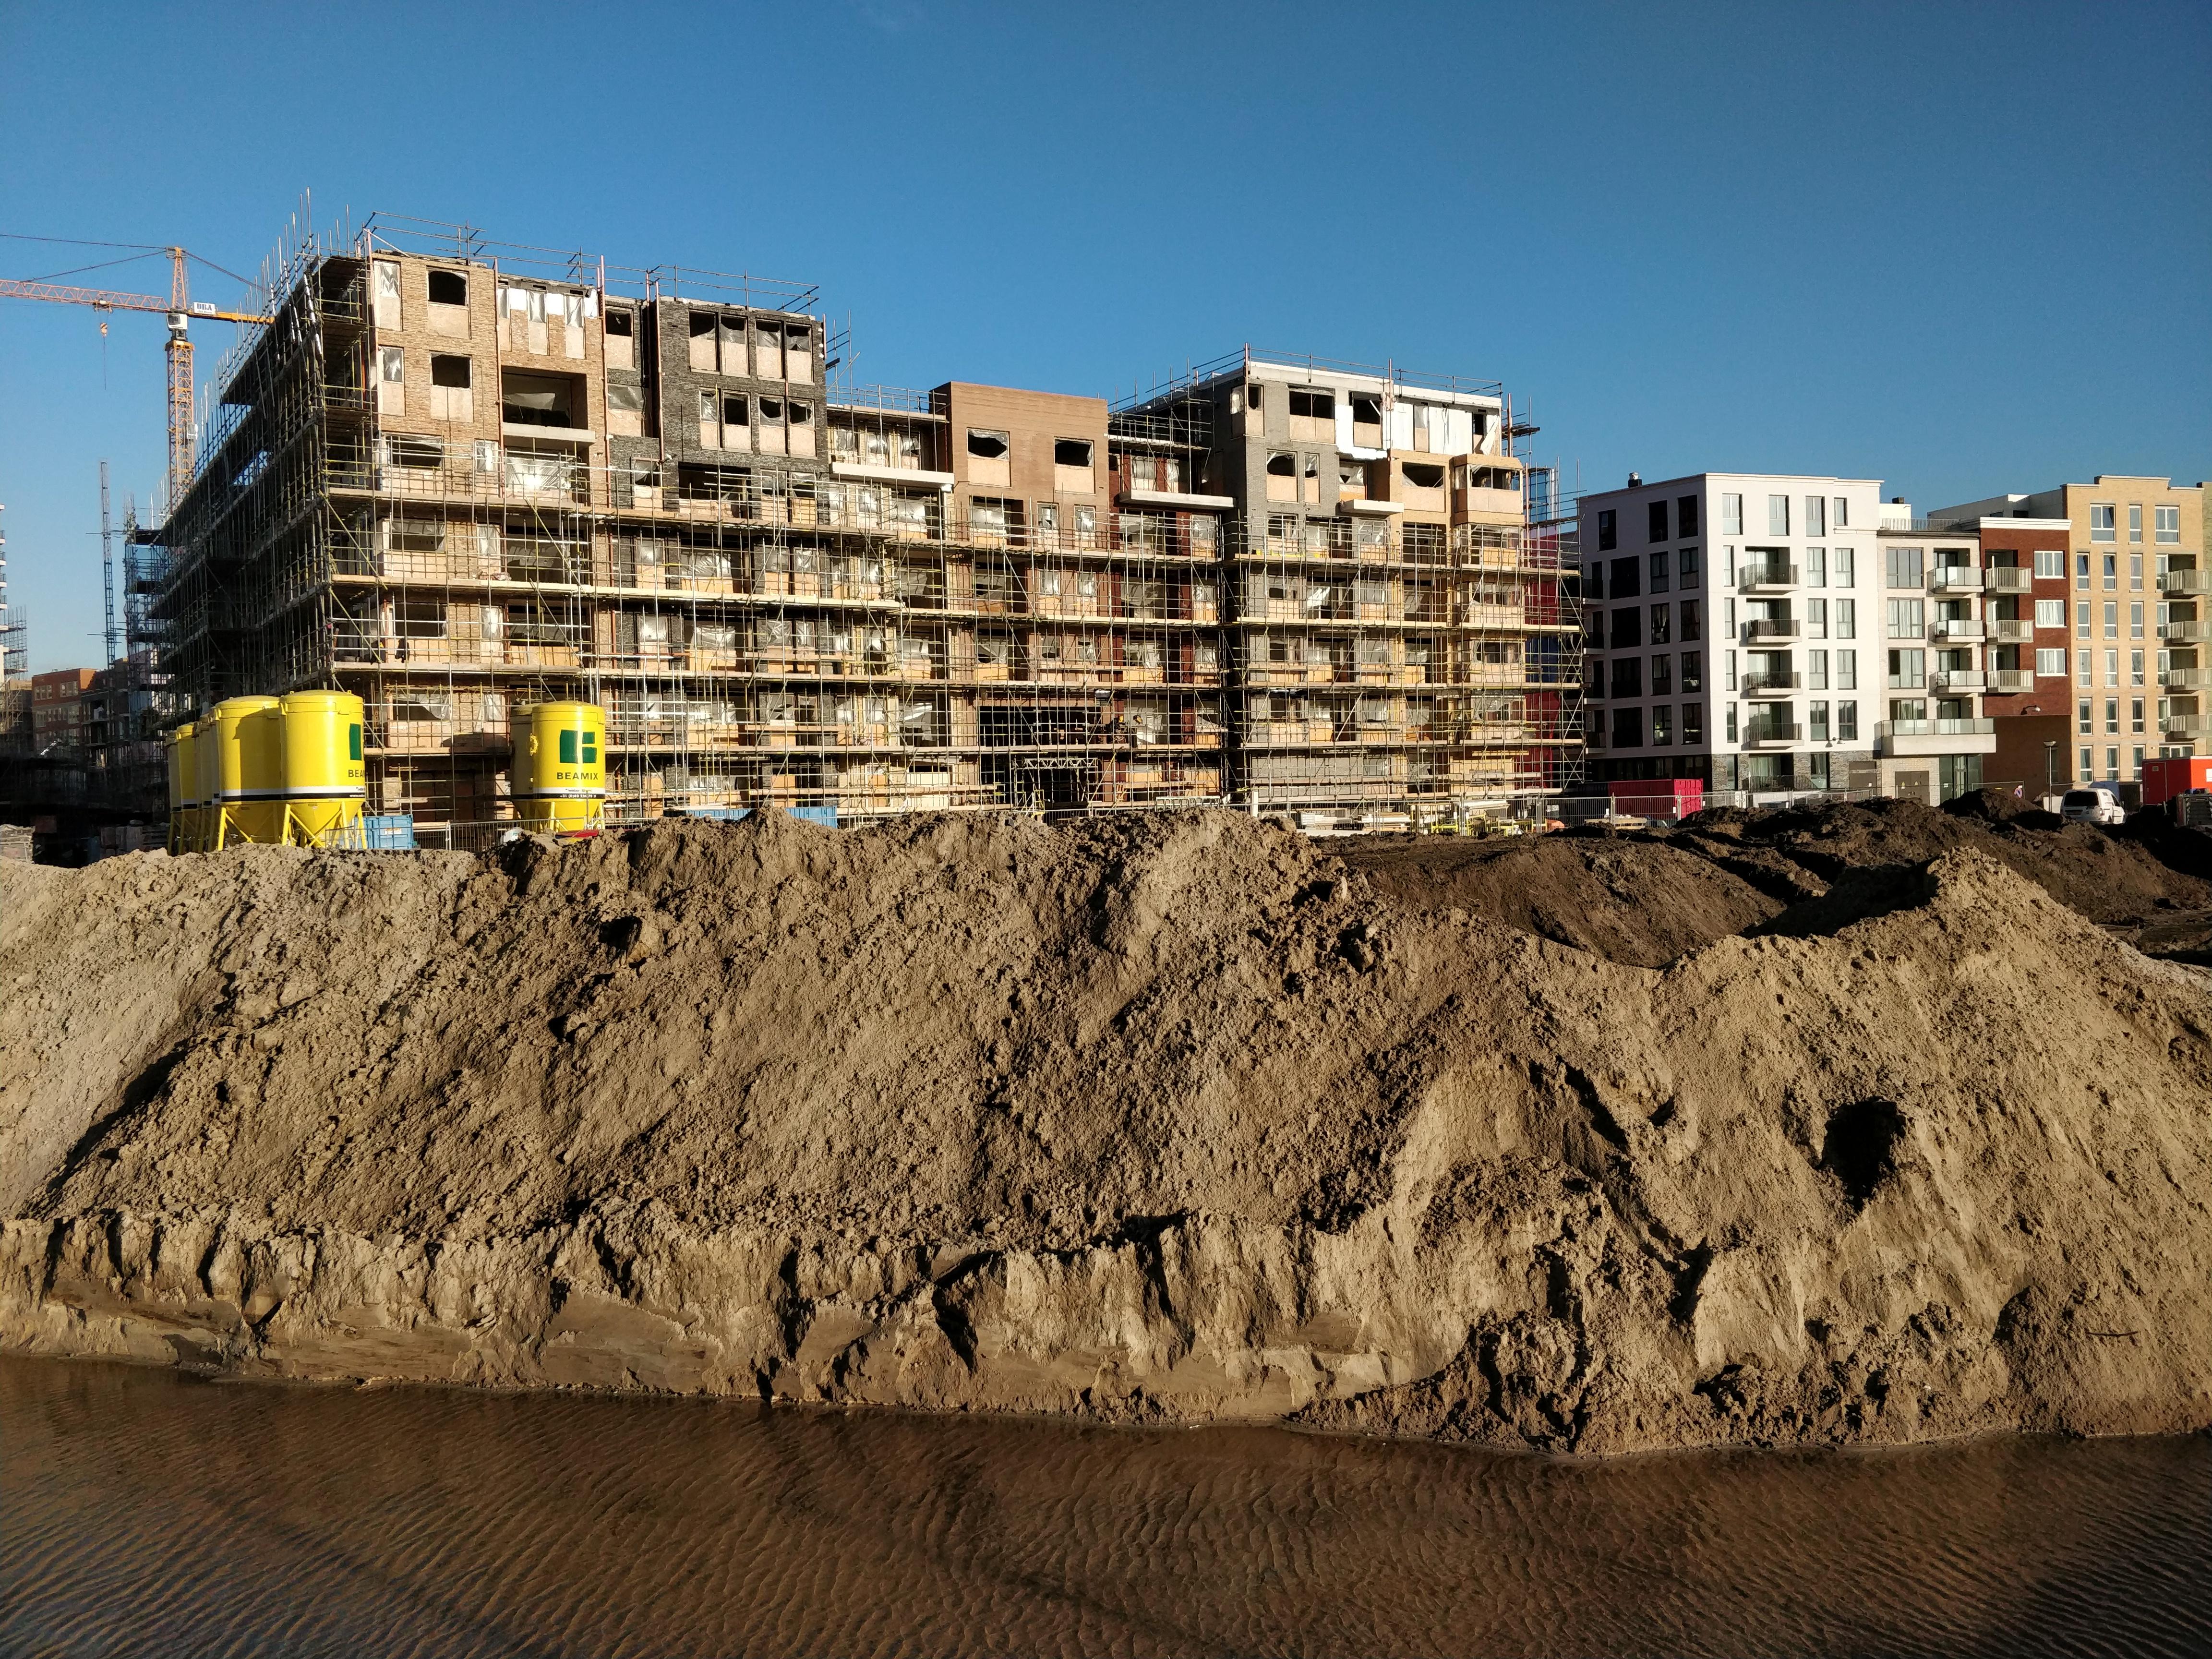 Nieuwbouwwoning prijst zichzelf uit de markt door stijgende bouwkosten